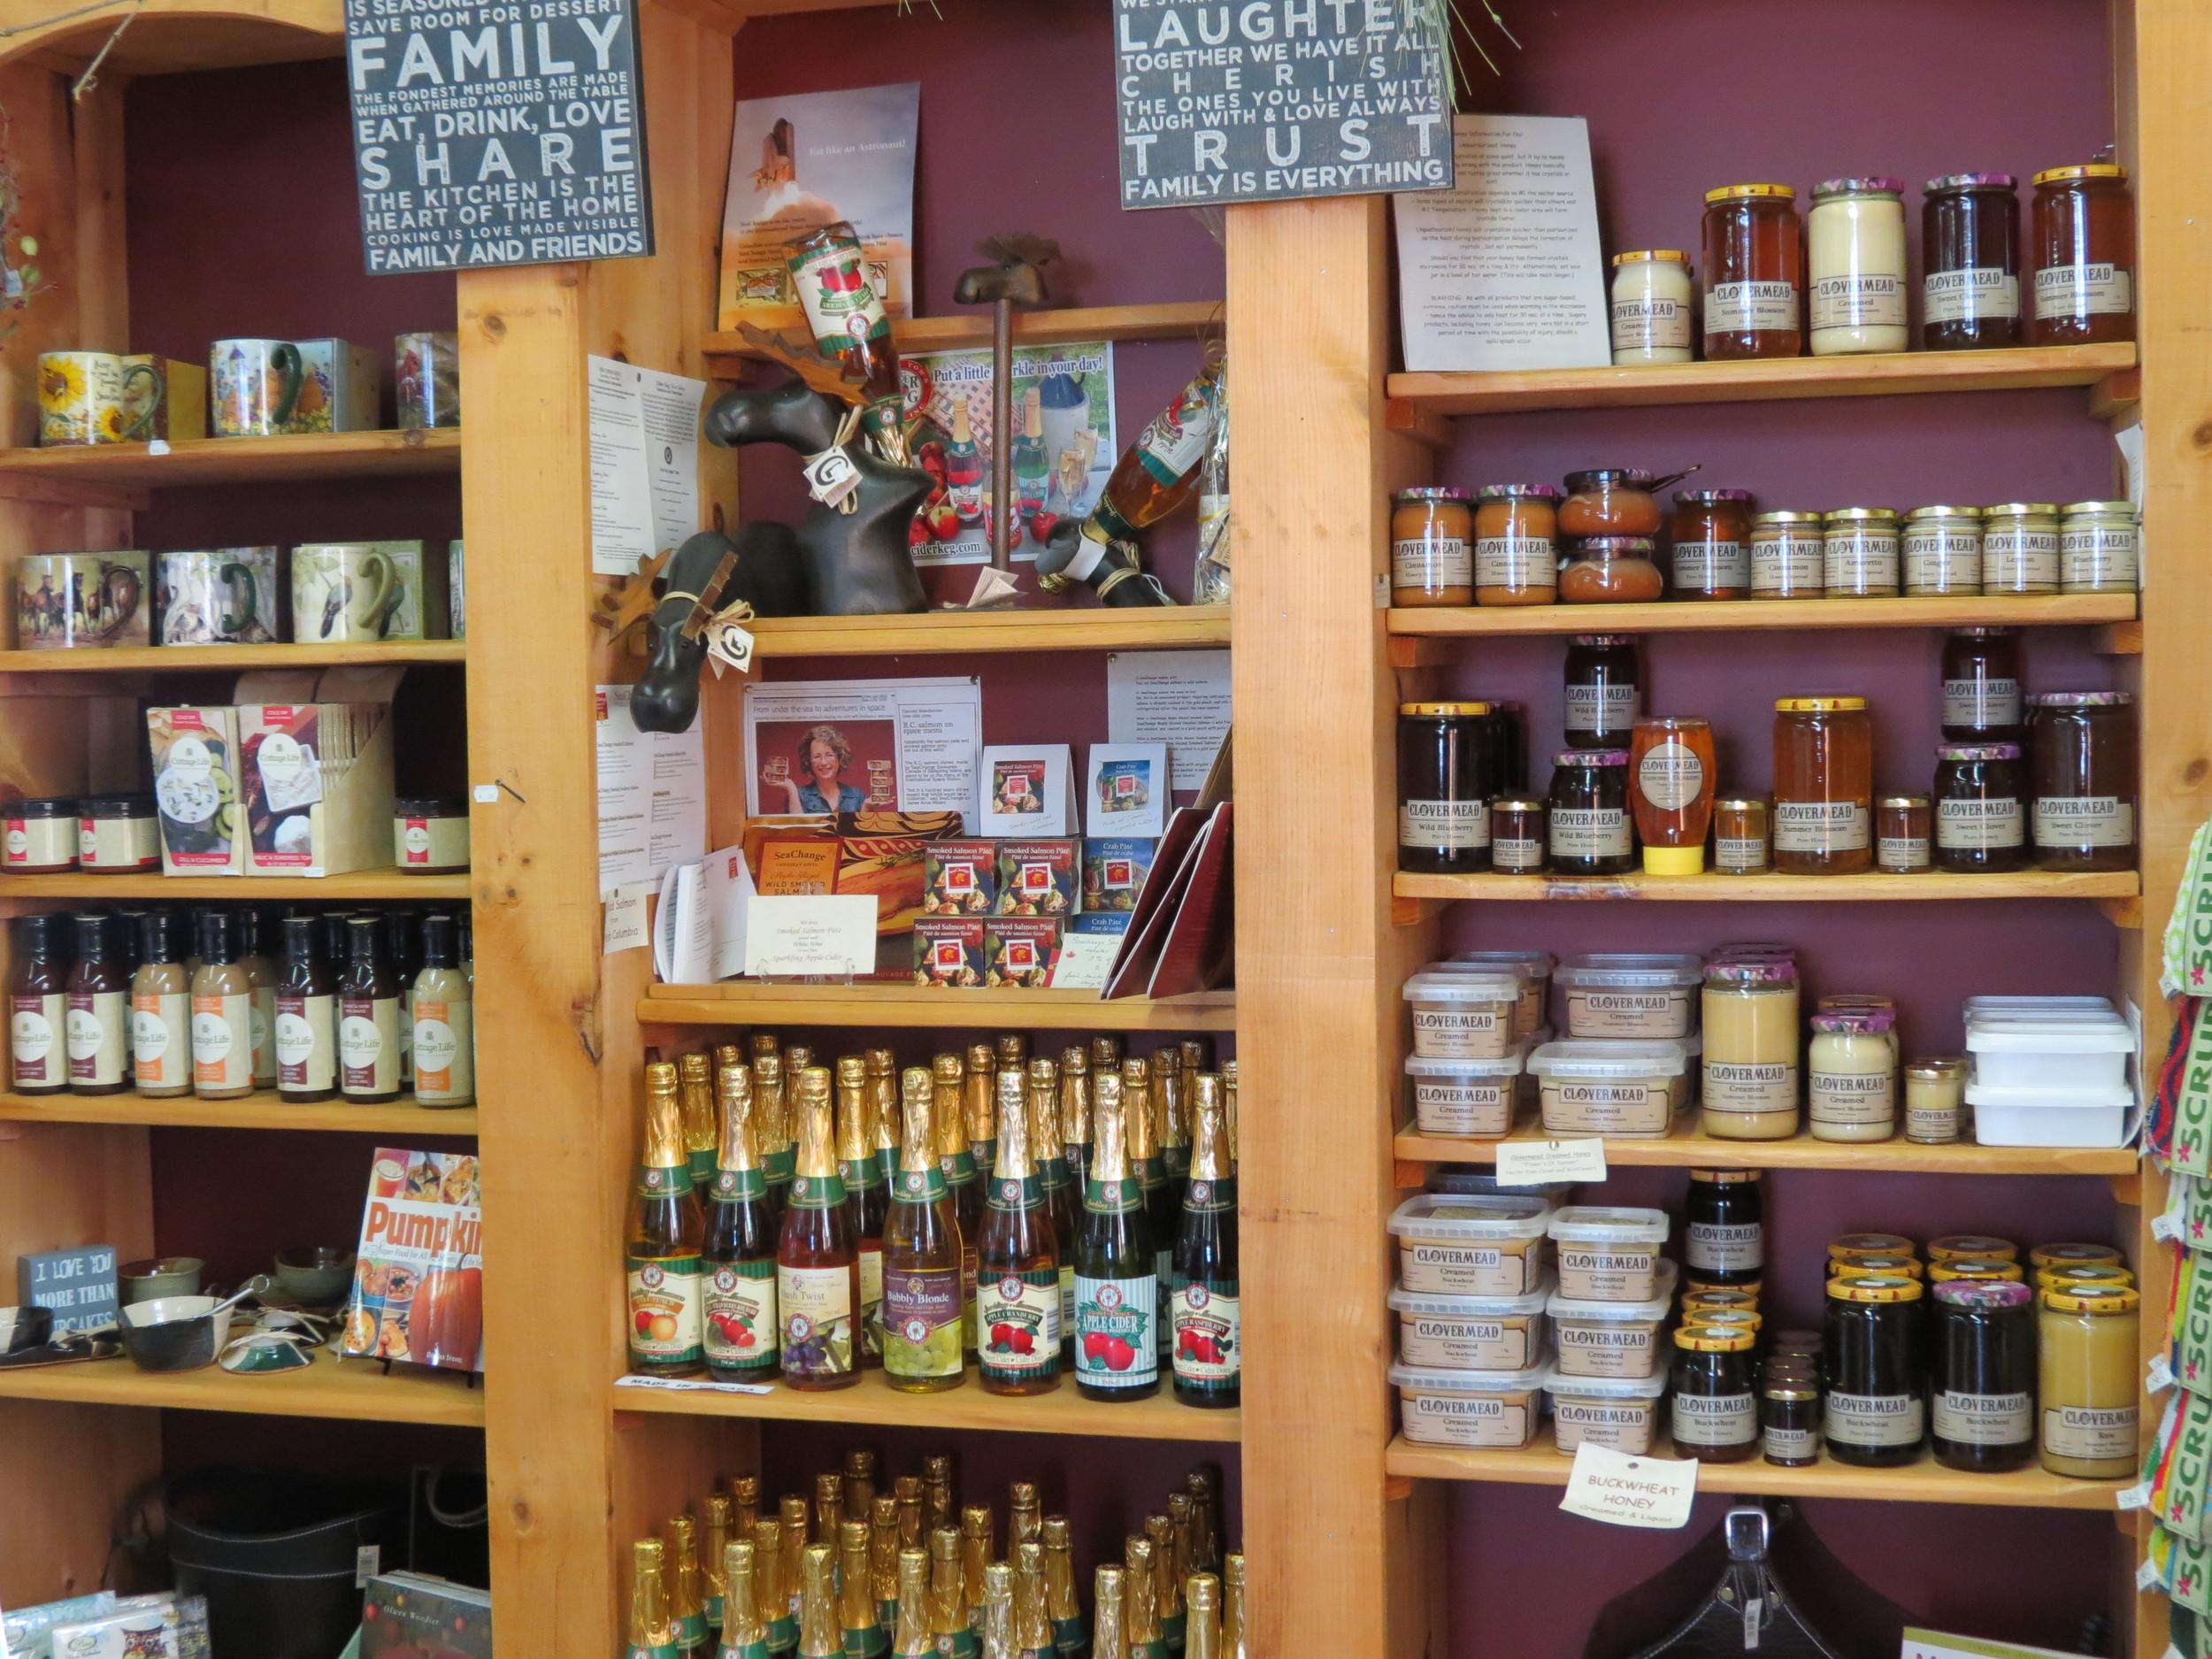 Local Sparkling Cider, Local Honey